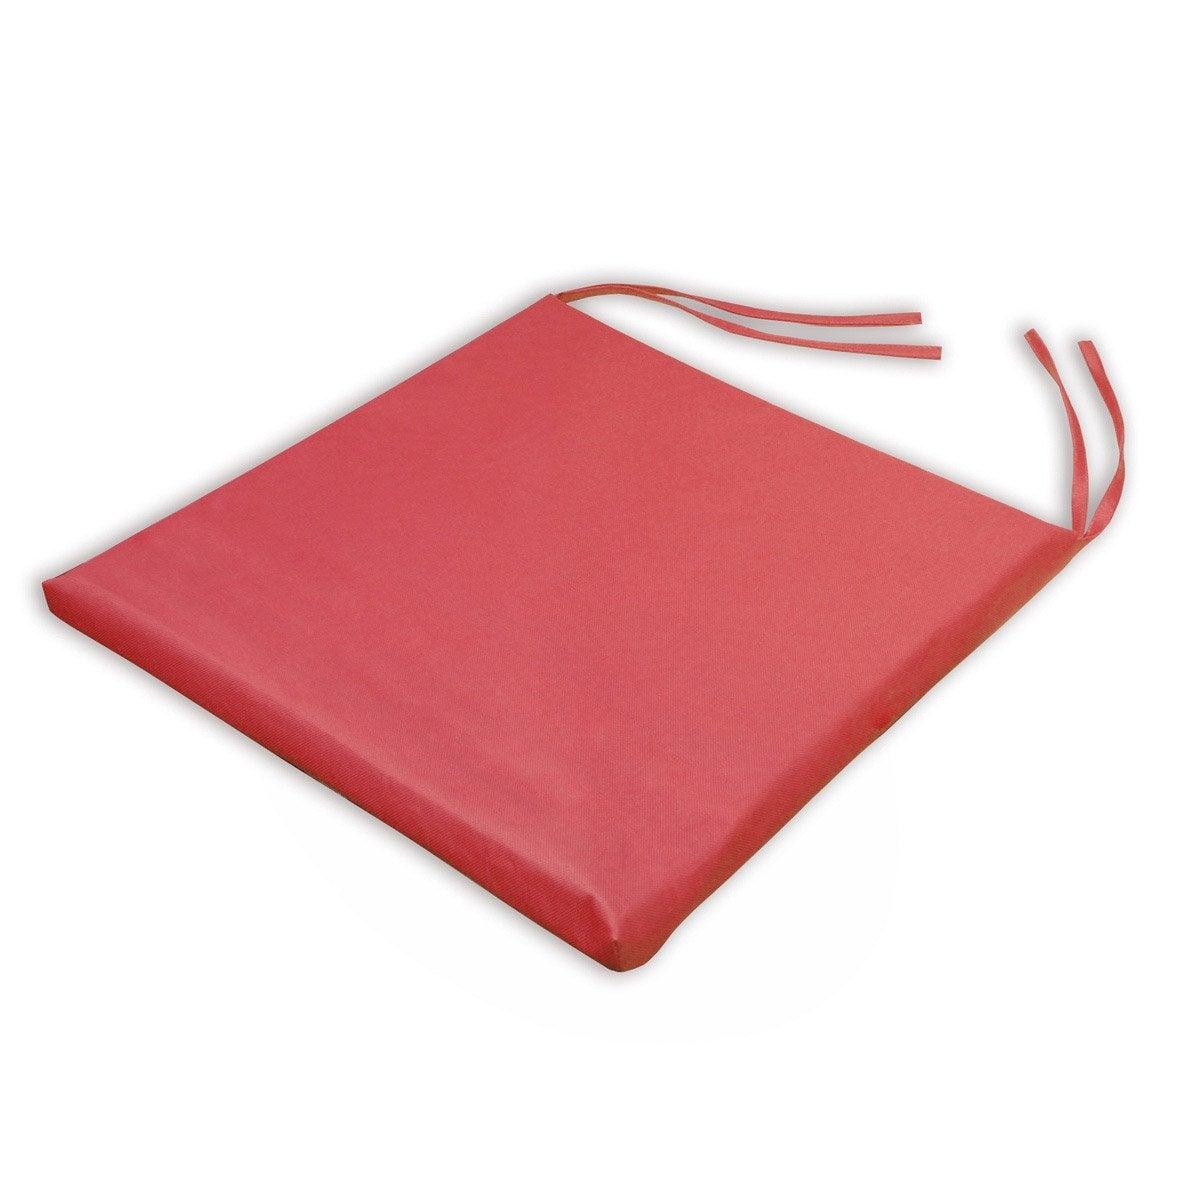 Galette de chaise imperm able basica rouge x h 2 5 - Galette chaise exterieur impermeable ...